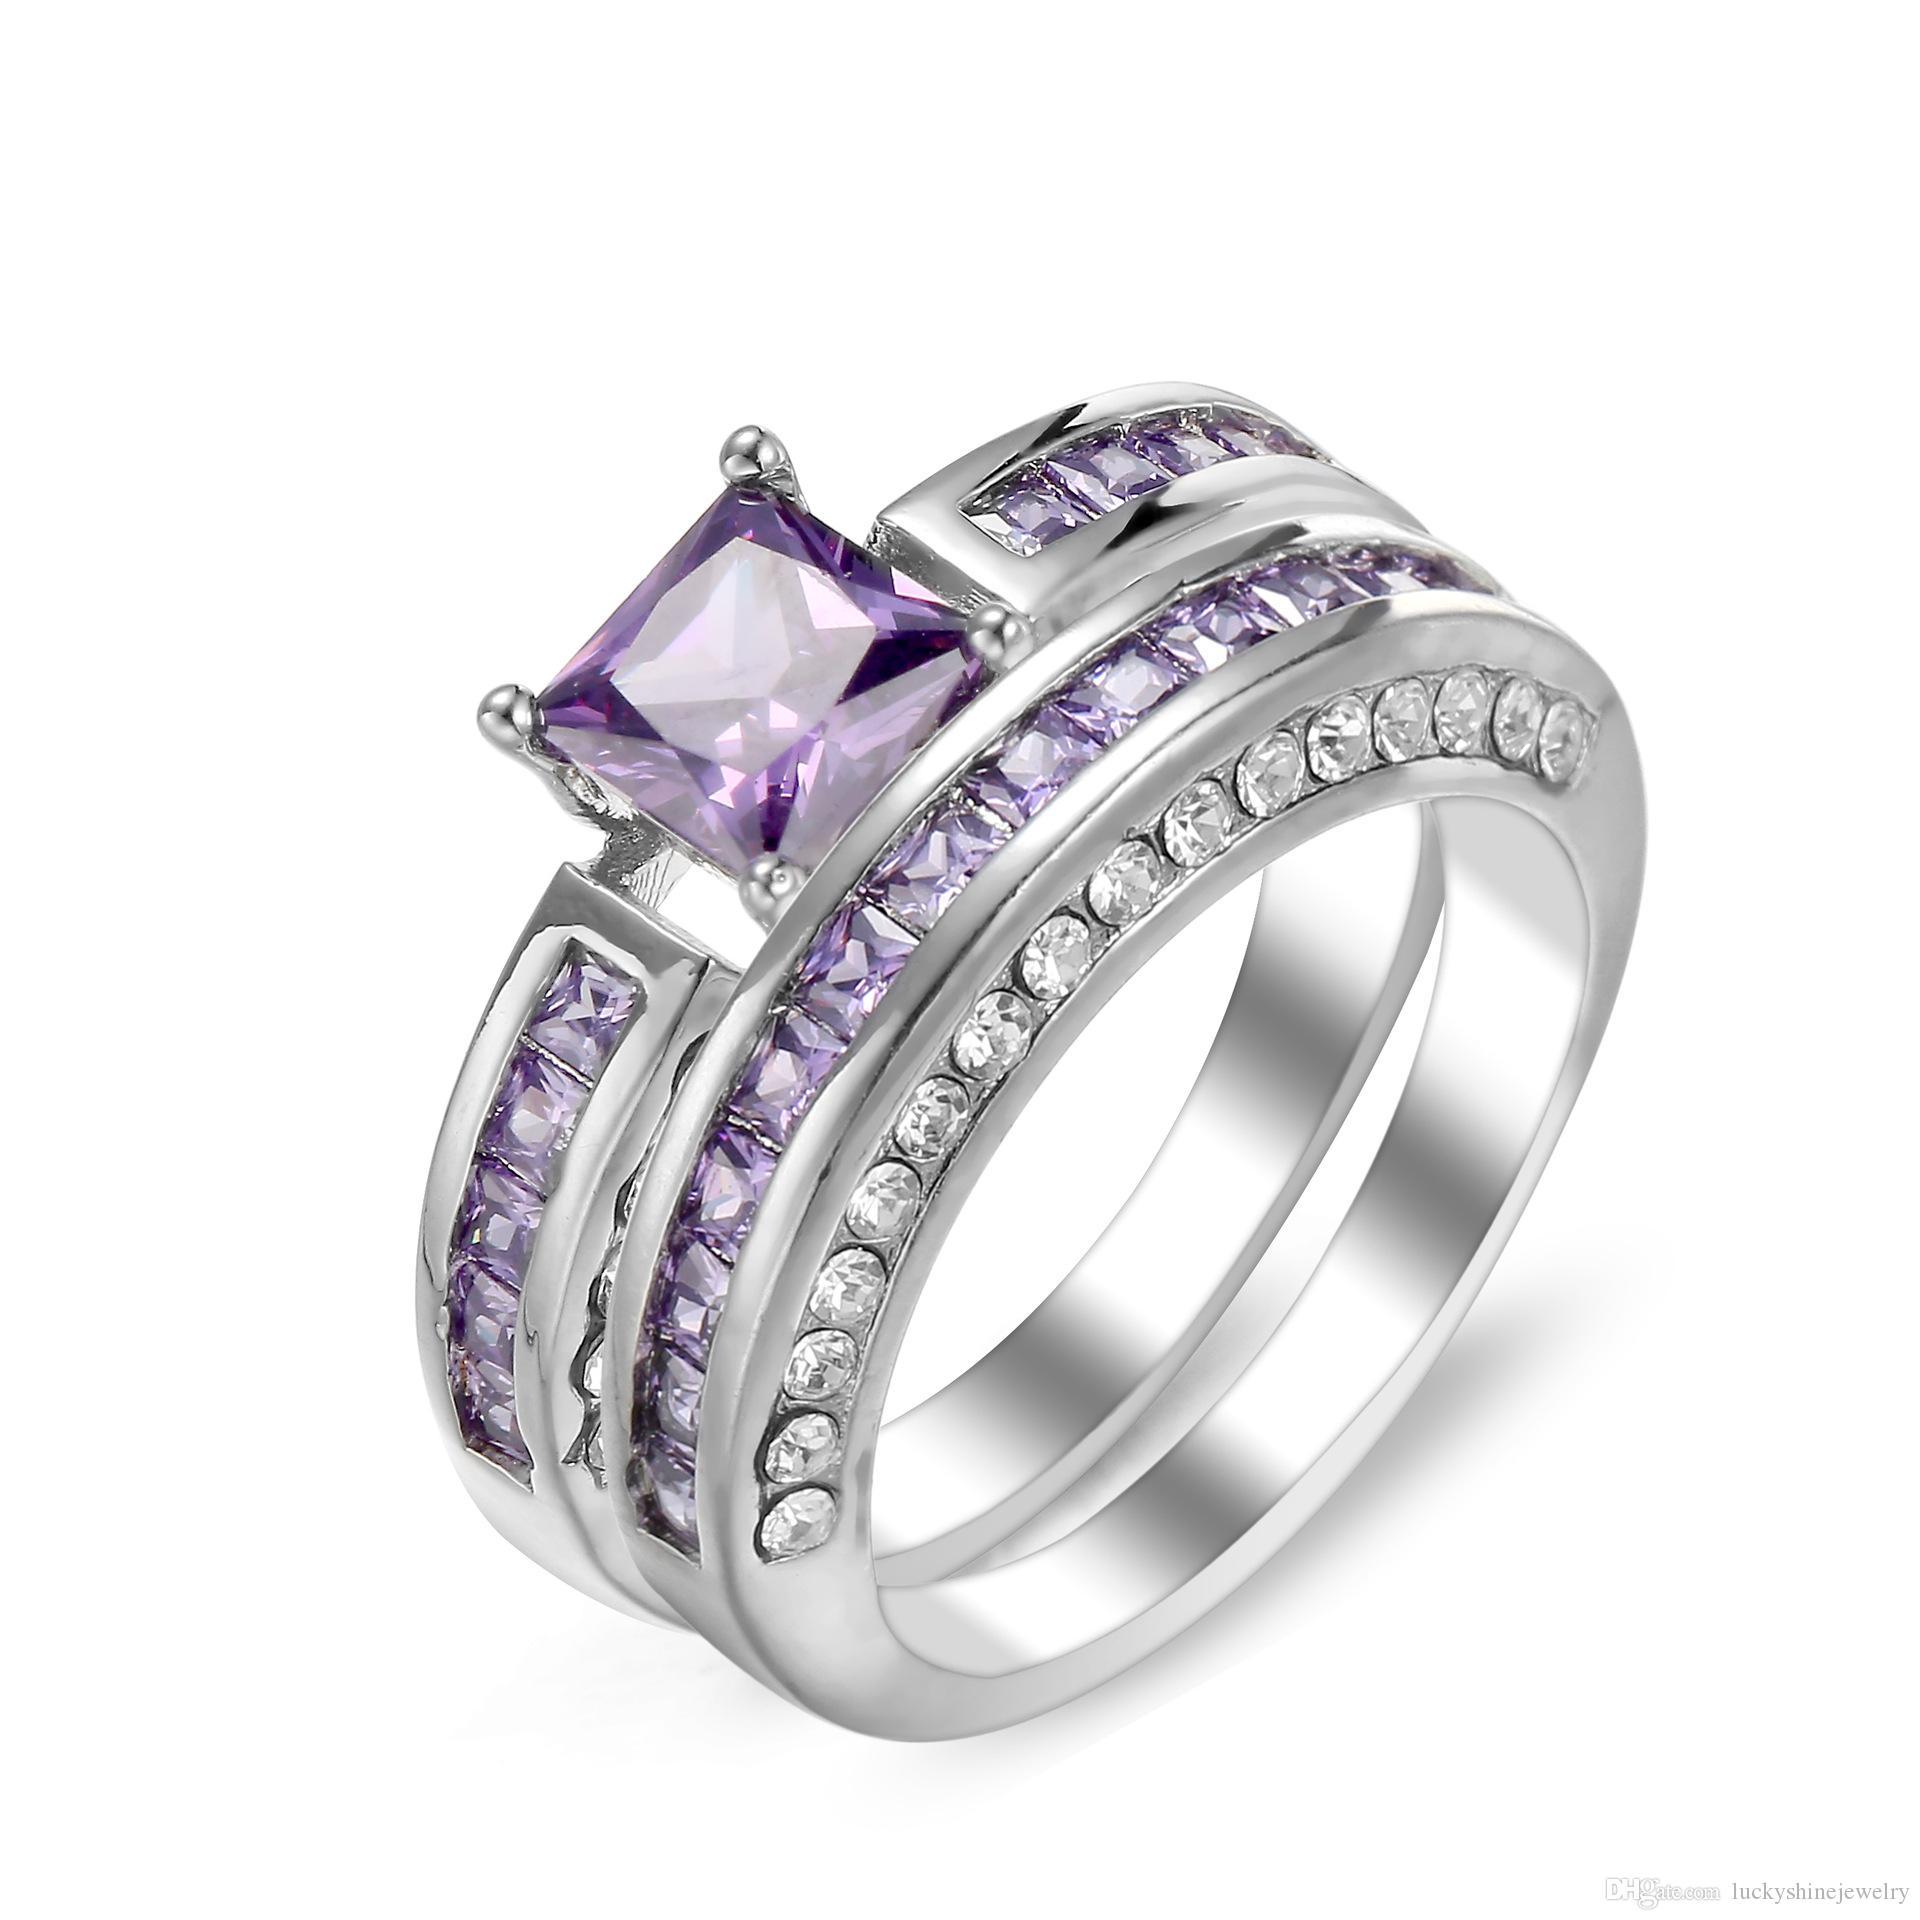 Venta al por mayor 5 Unids / lote LuckyShine 925 Anillo de diamantes de imitación de cristal de plata de la boda de la moda Cubic Zirconia Par de anillos de plata Mujeres Hombres